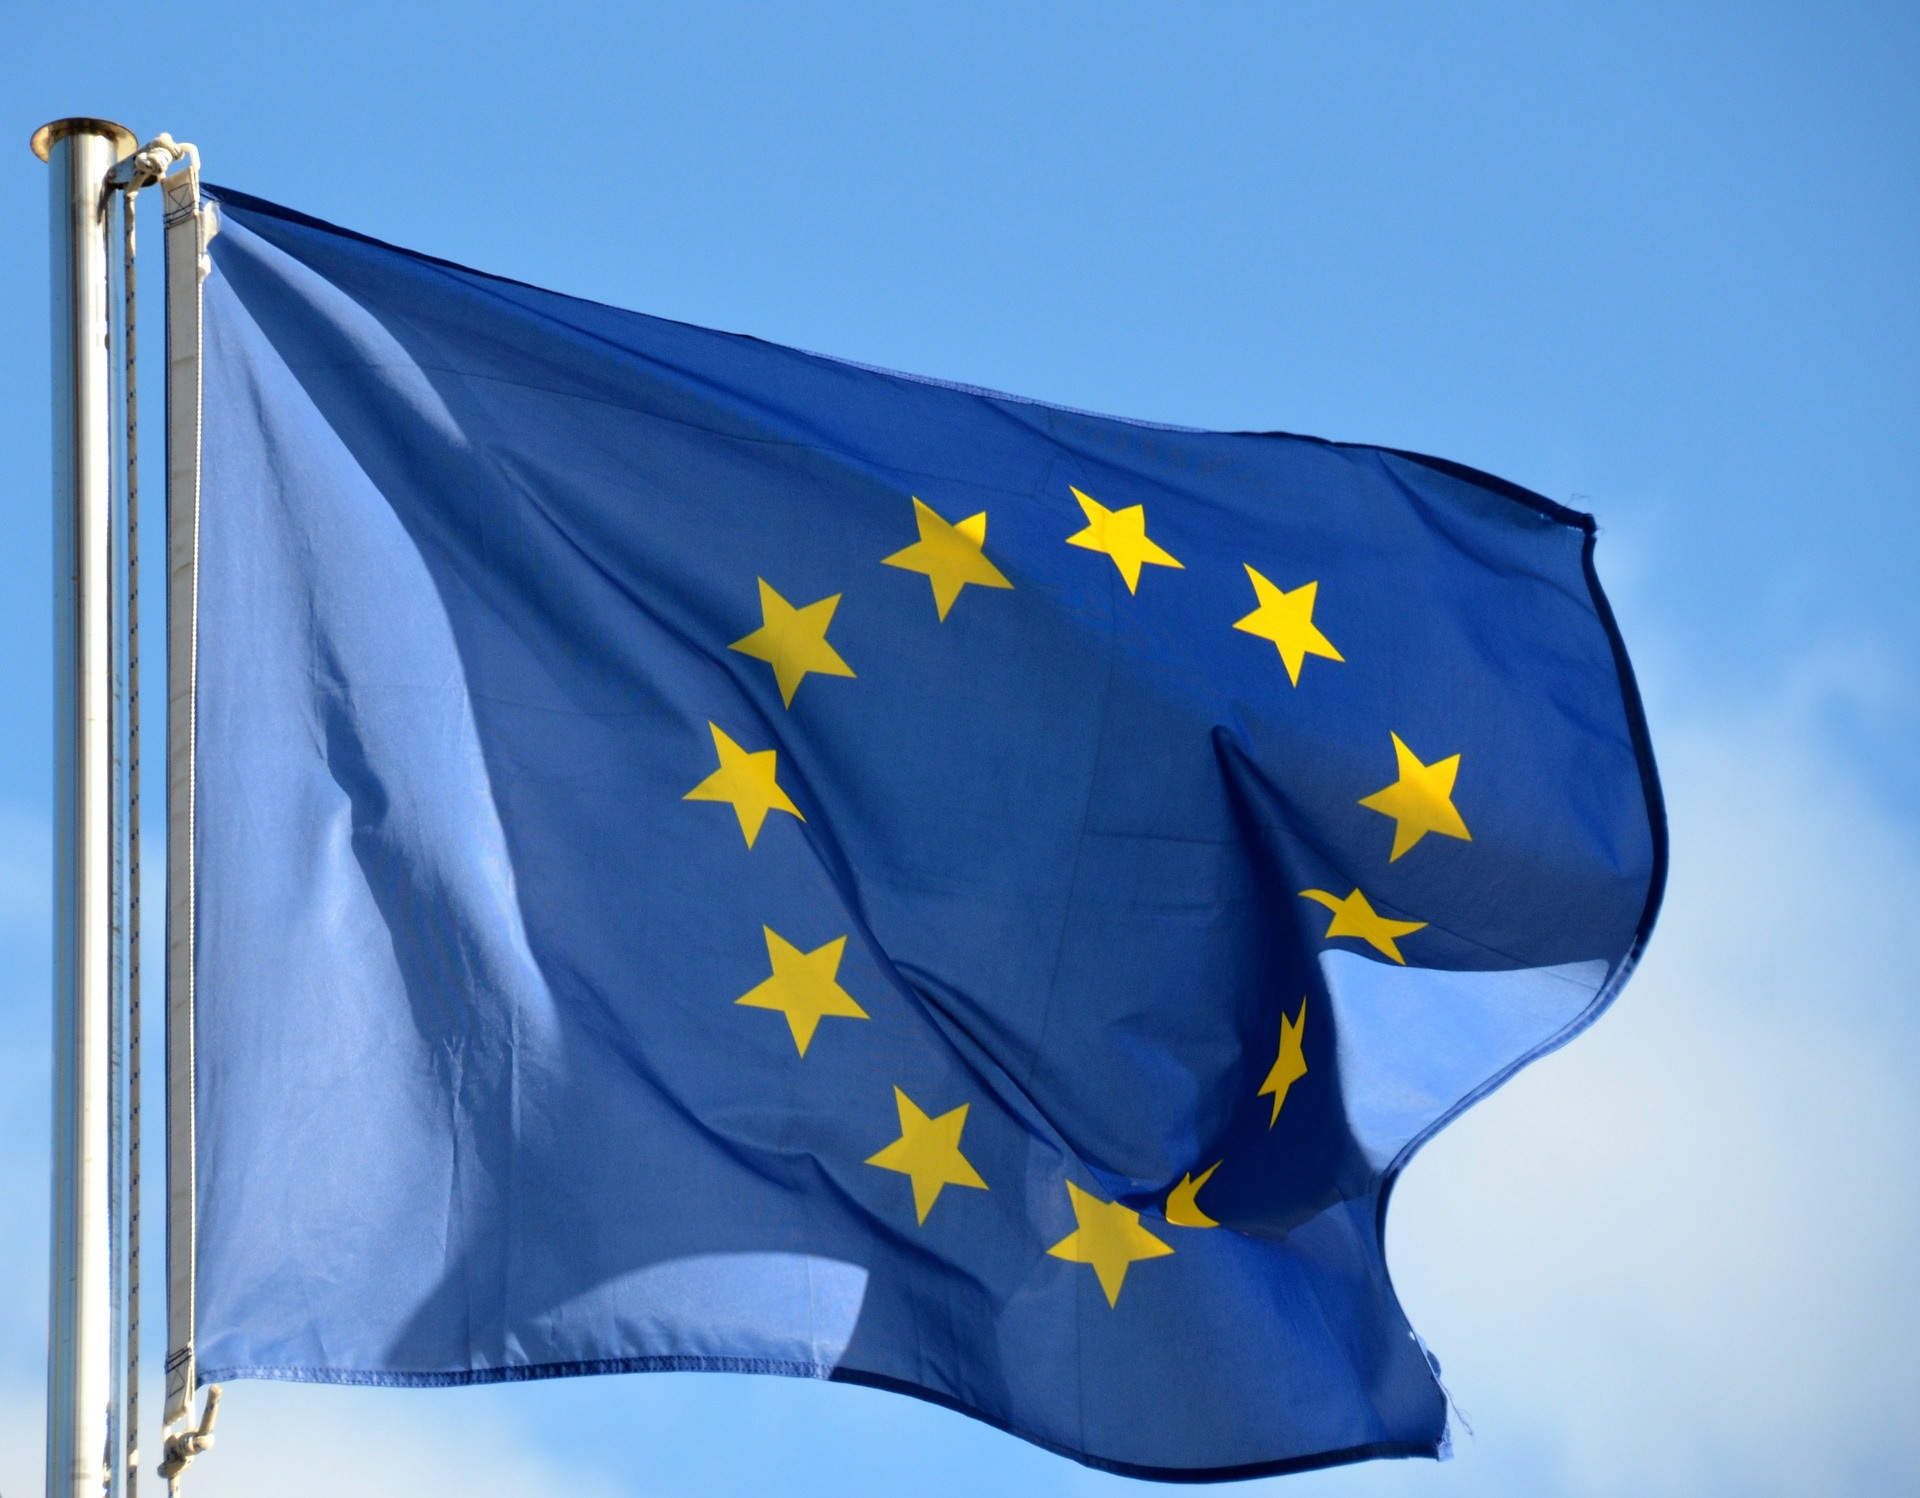 Können transnationale Medien Europa vereinen? | Europäisches ...